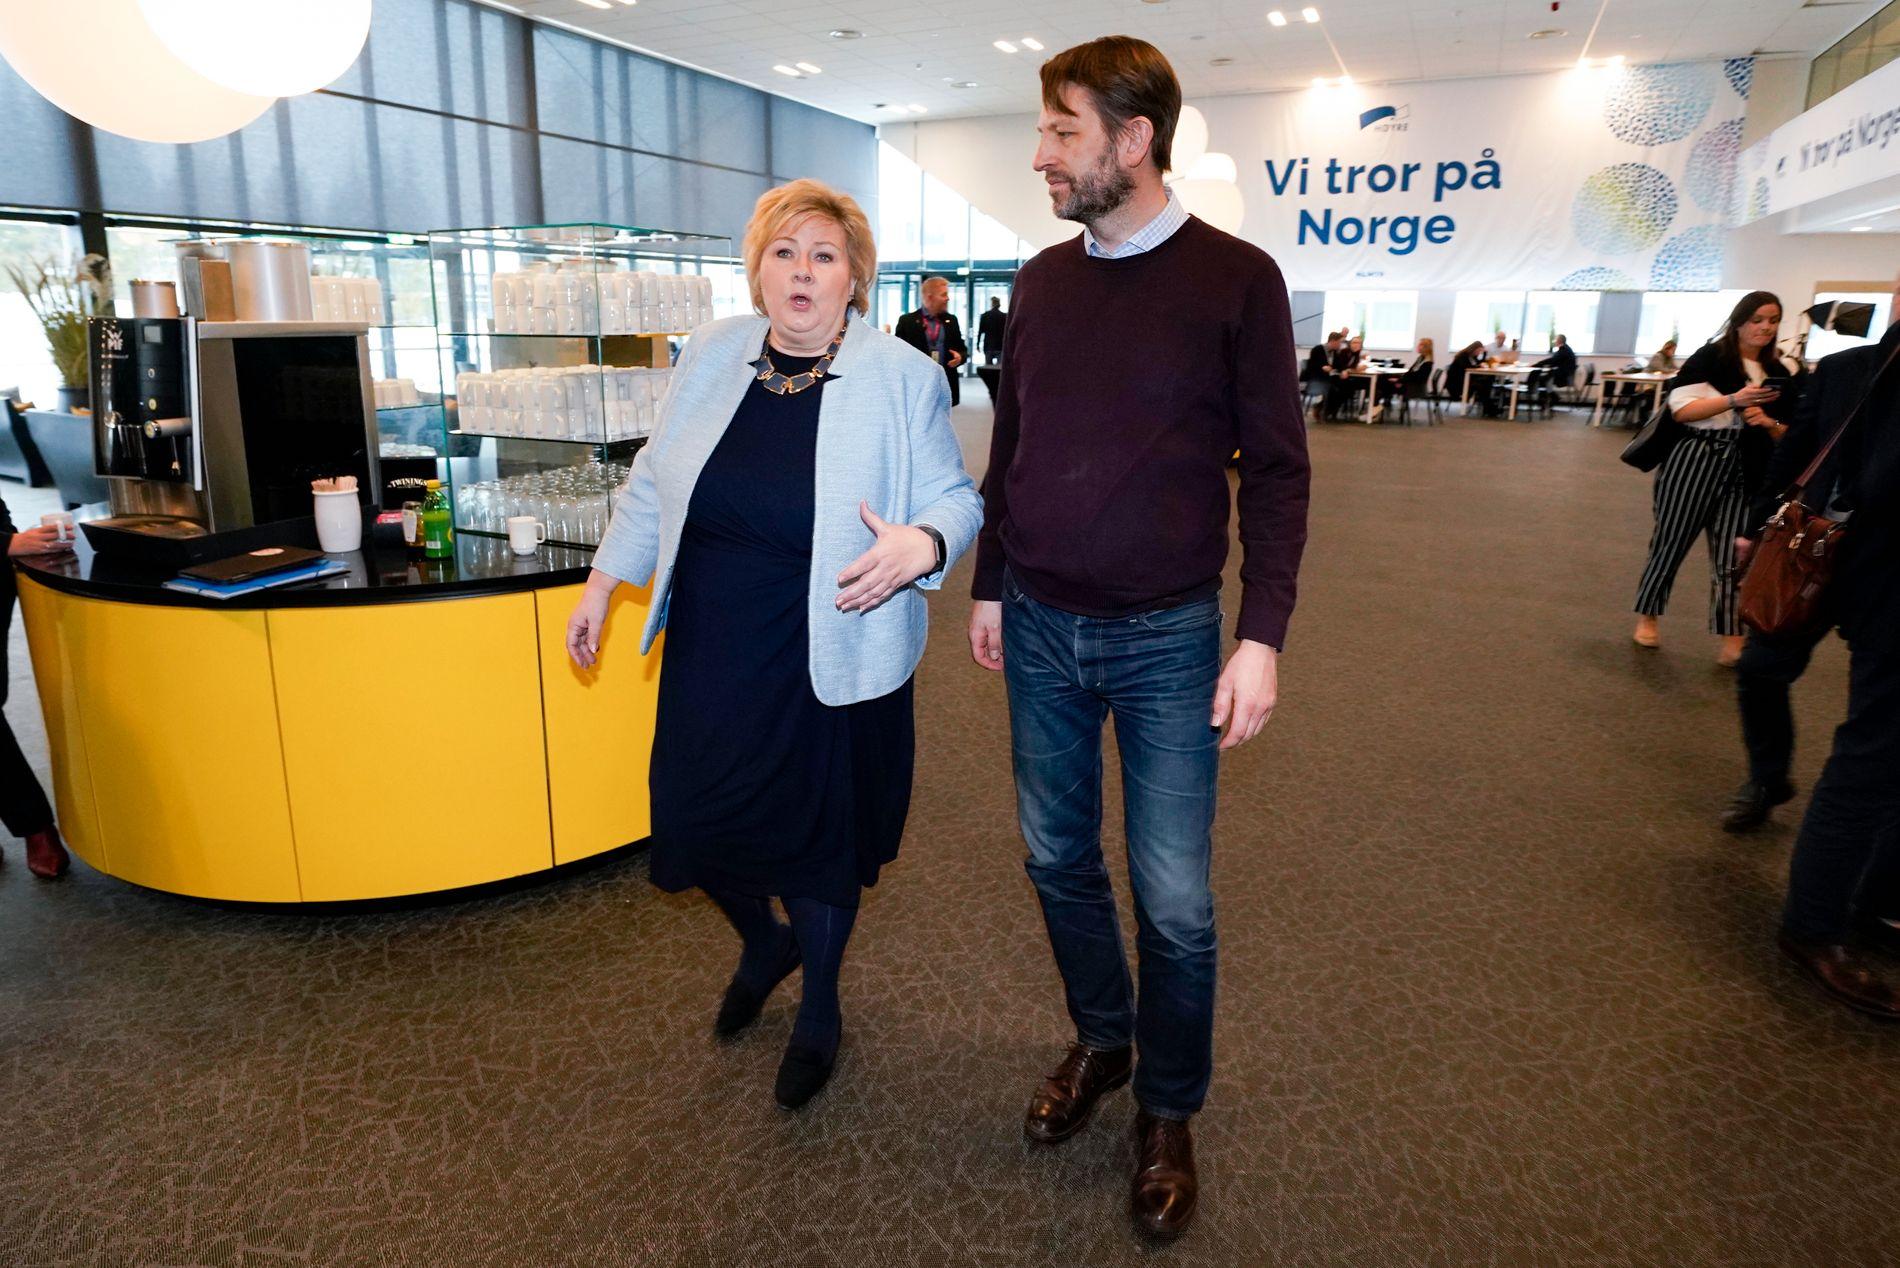 TO BLAD SOLBERG: De er ikke i familie, men Erna Solberg og Eirik Lae Solberg er i politisk familie – og enige om en strategi.